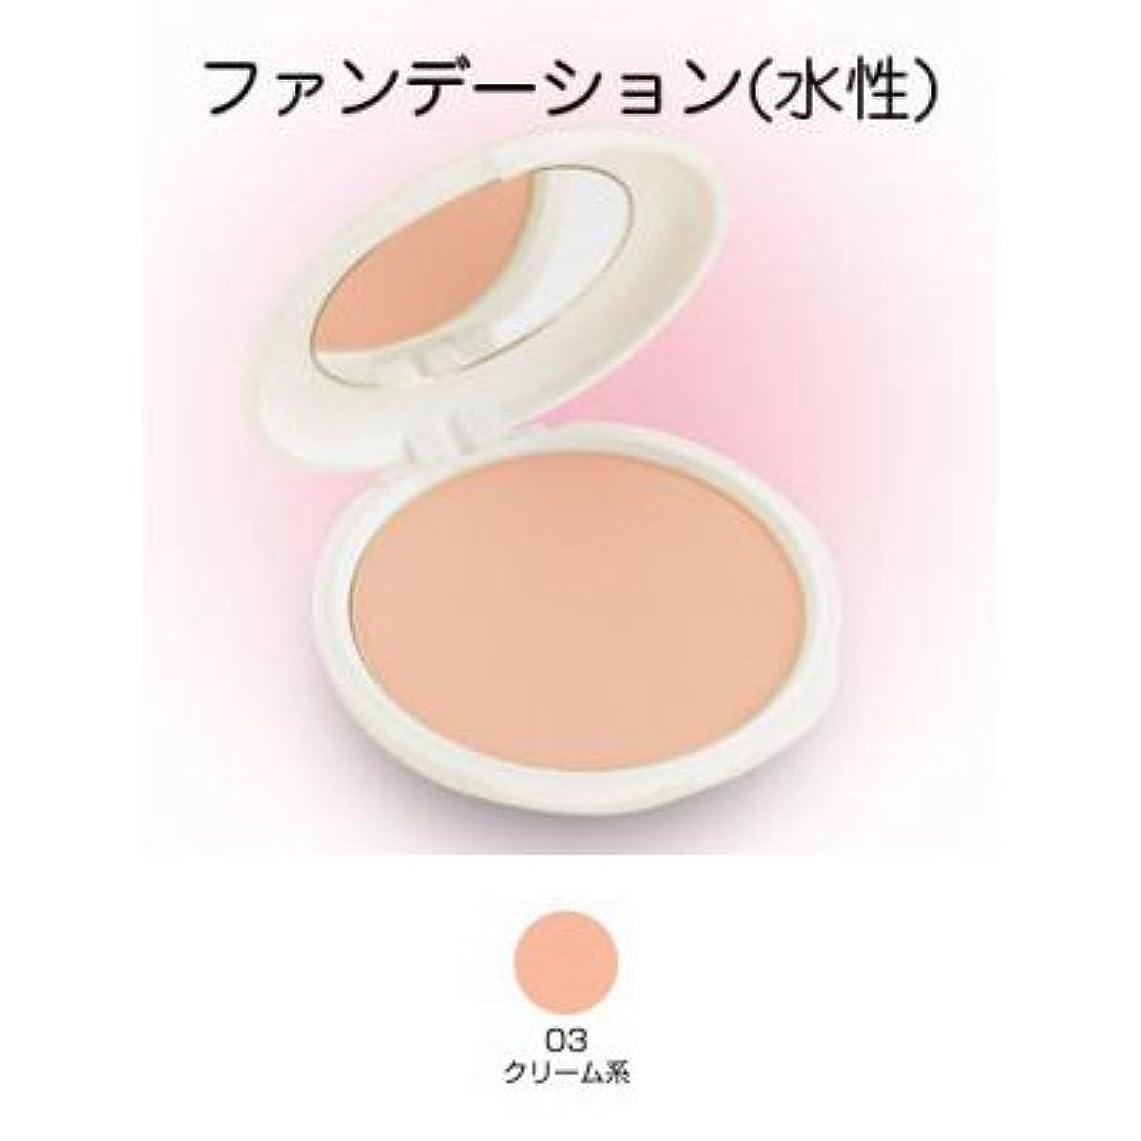 気まぐれな指標サーカスツーウェイケーキ 28g 03クリーム系 【三善】